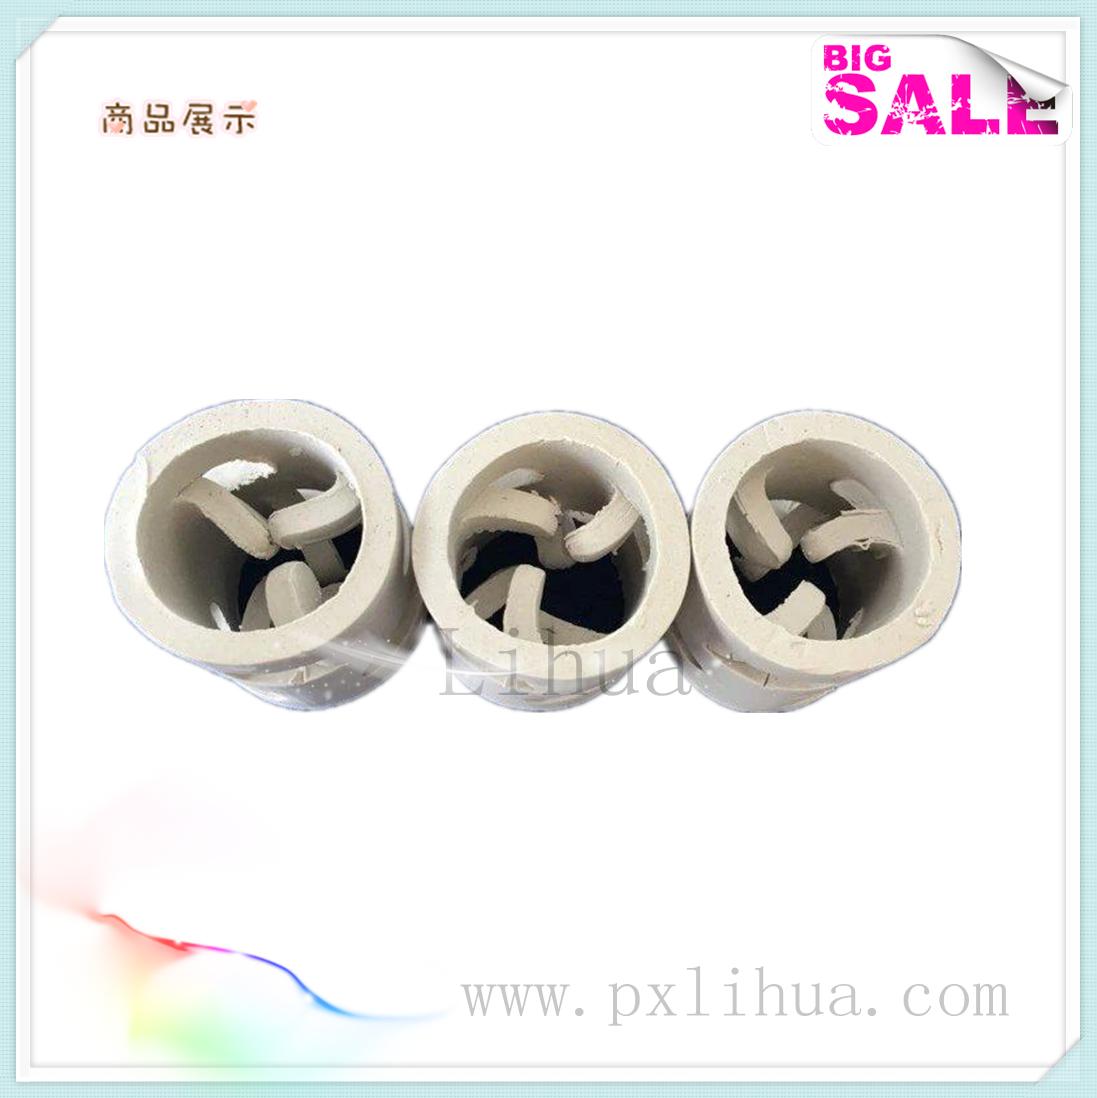 江西萍乡-陶瓷鲍尔环  现货供应中